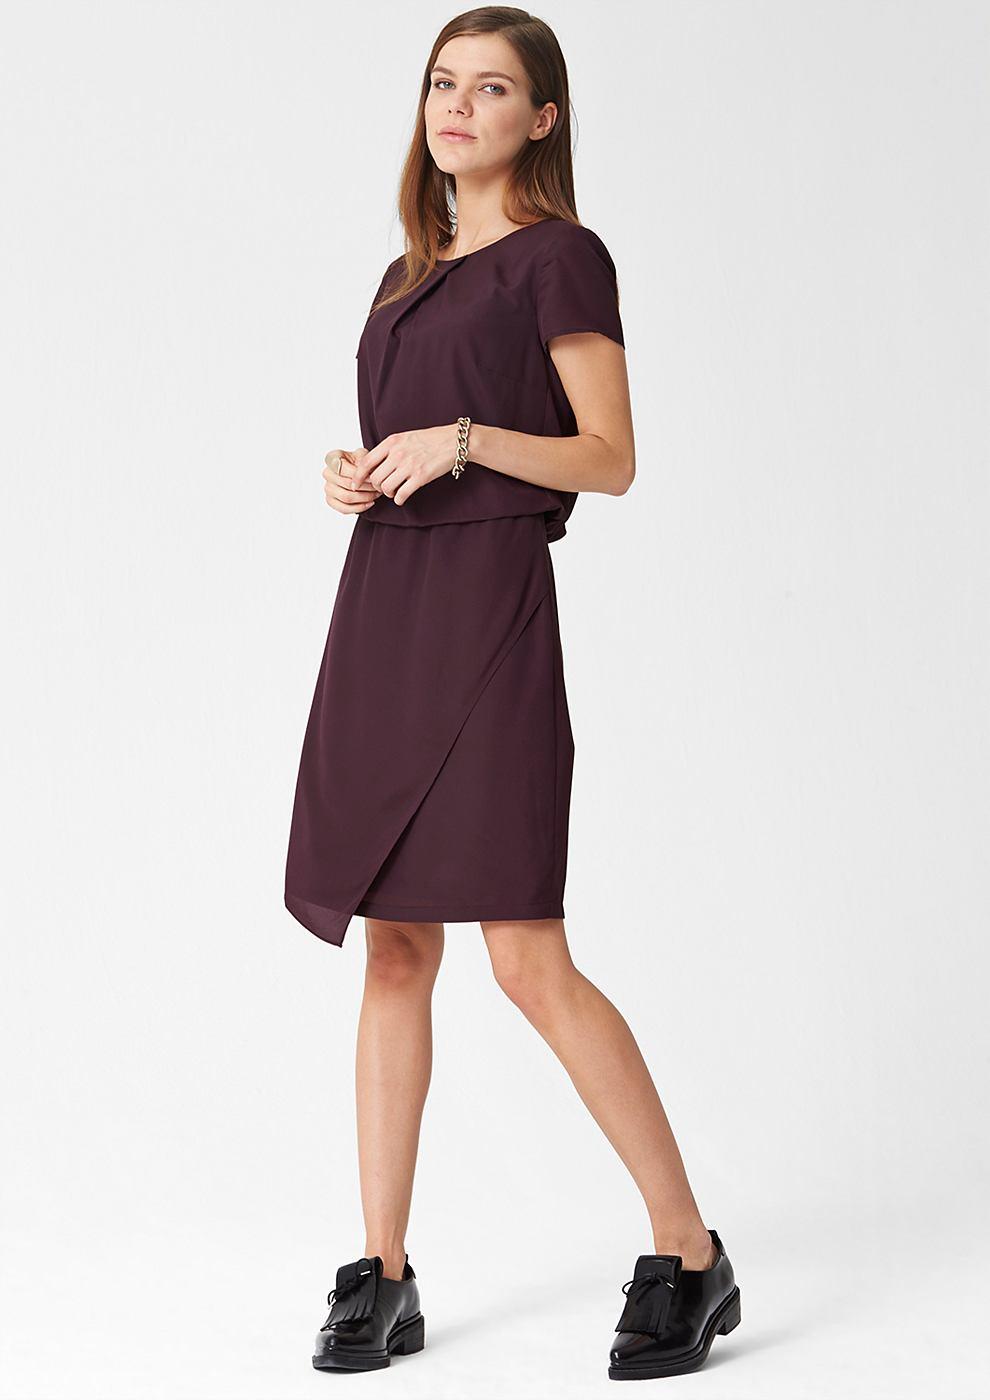 s.Oliver Premium Moderne jurk rood